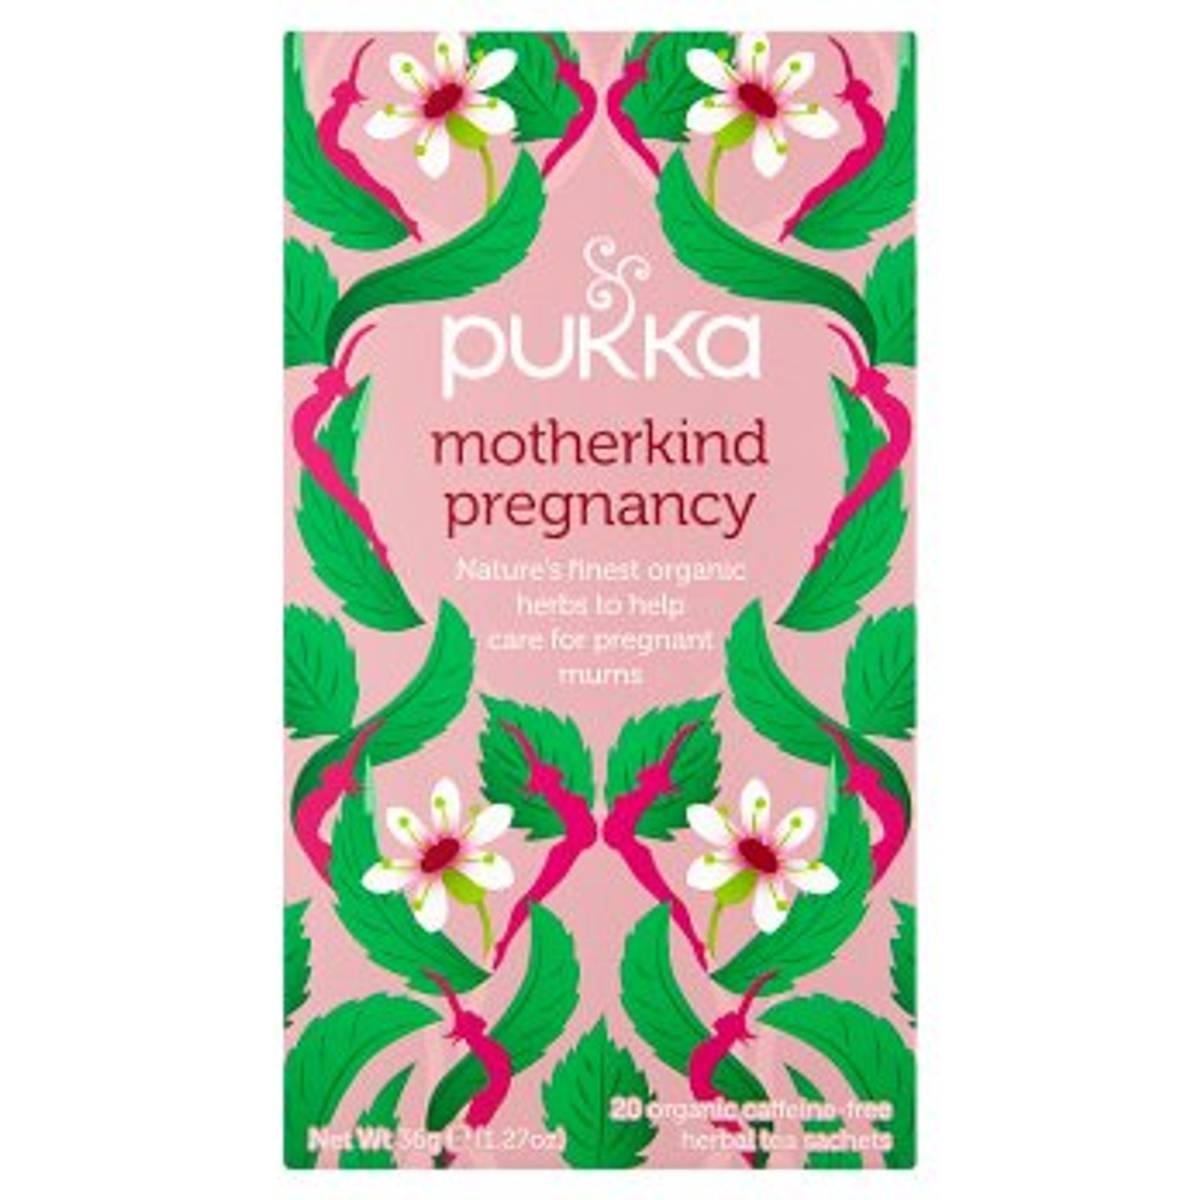 Motherkind Pregnancy, økologisk te / Pukka